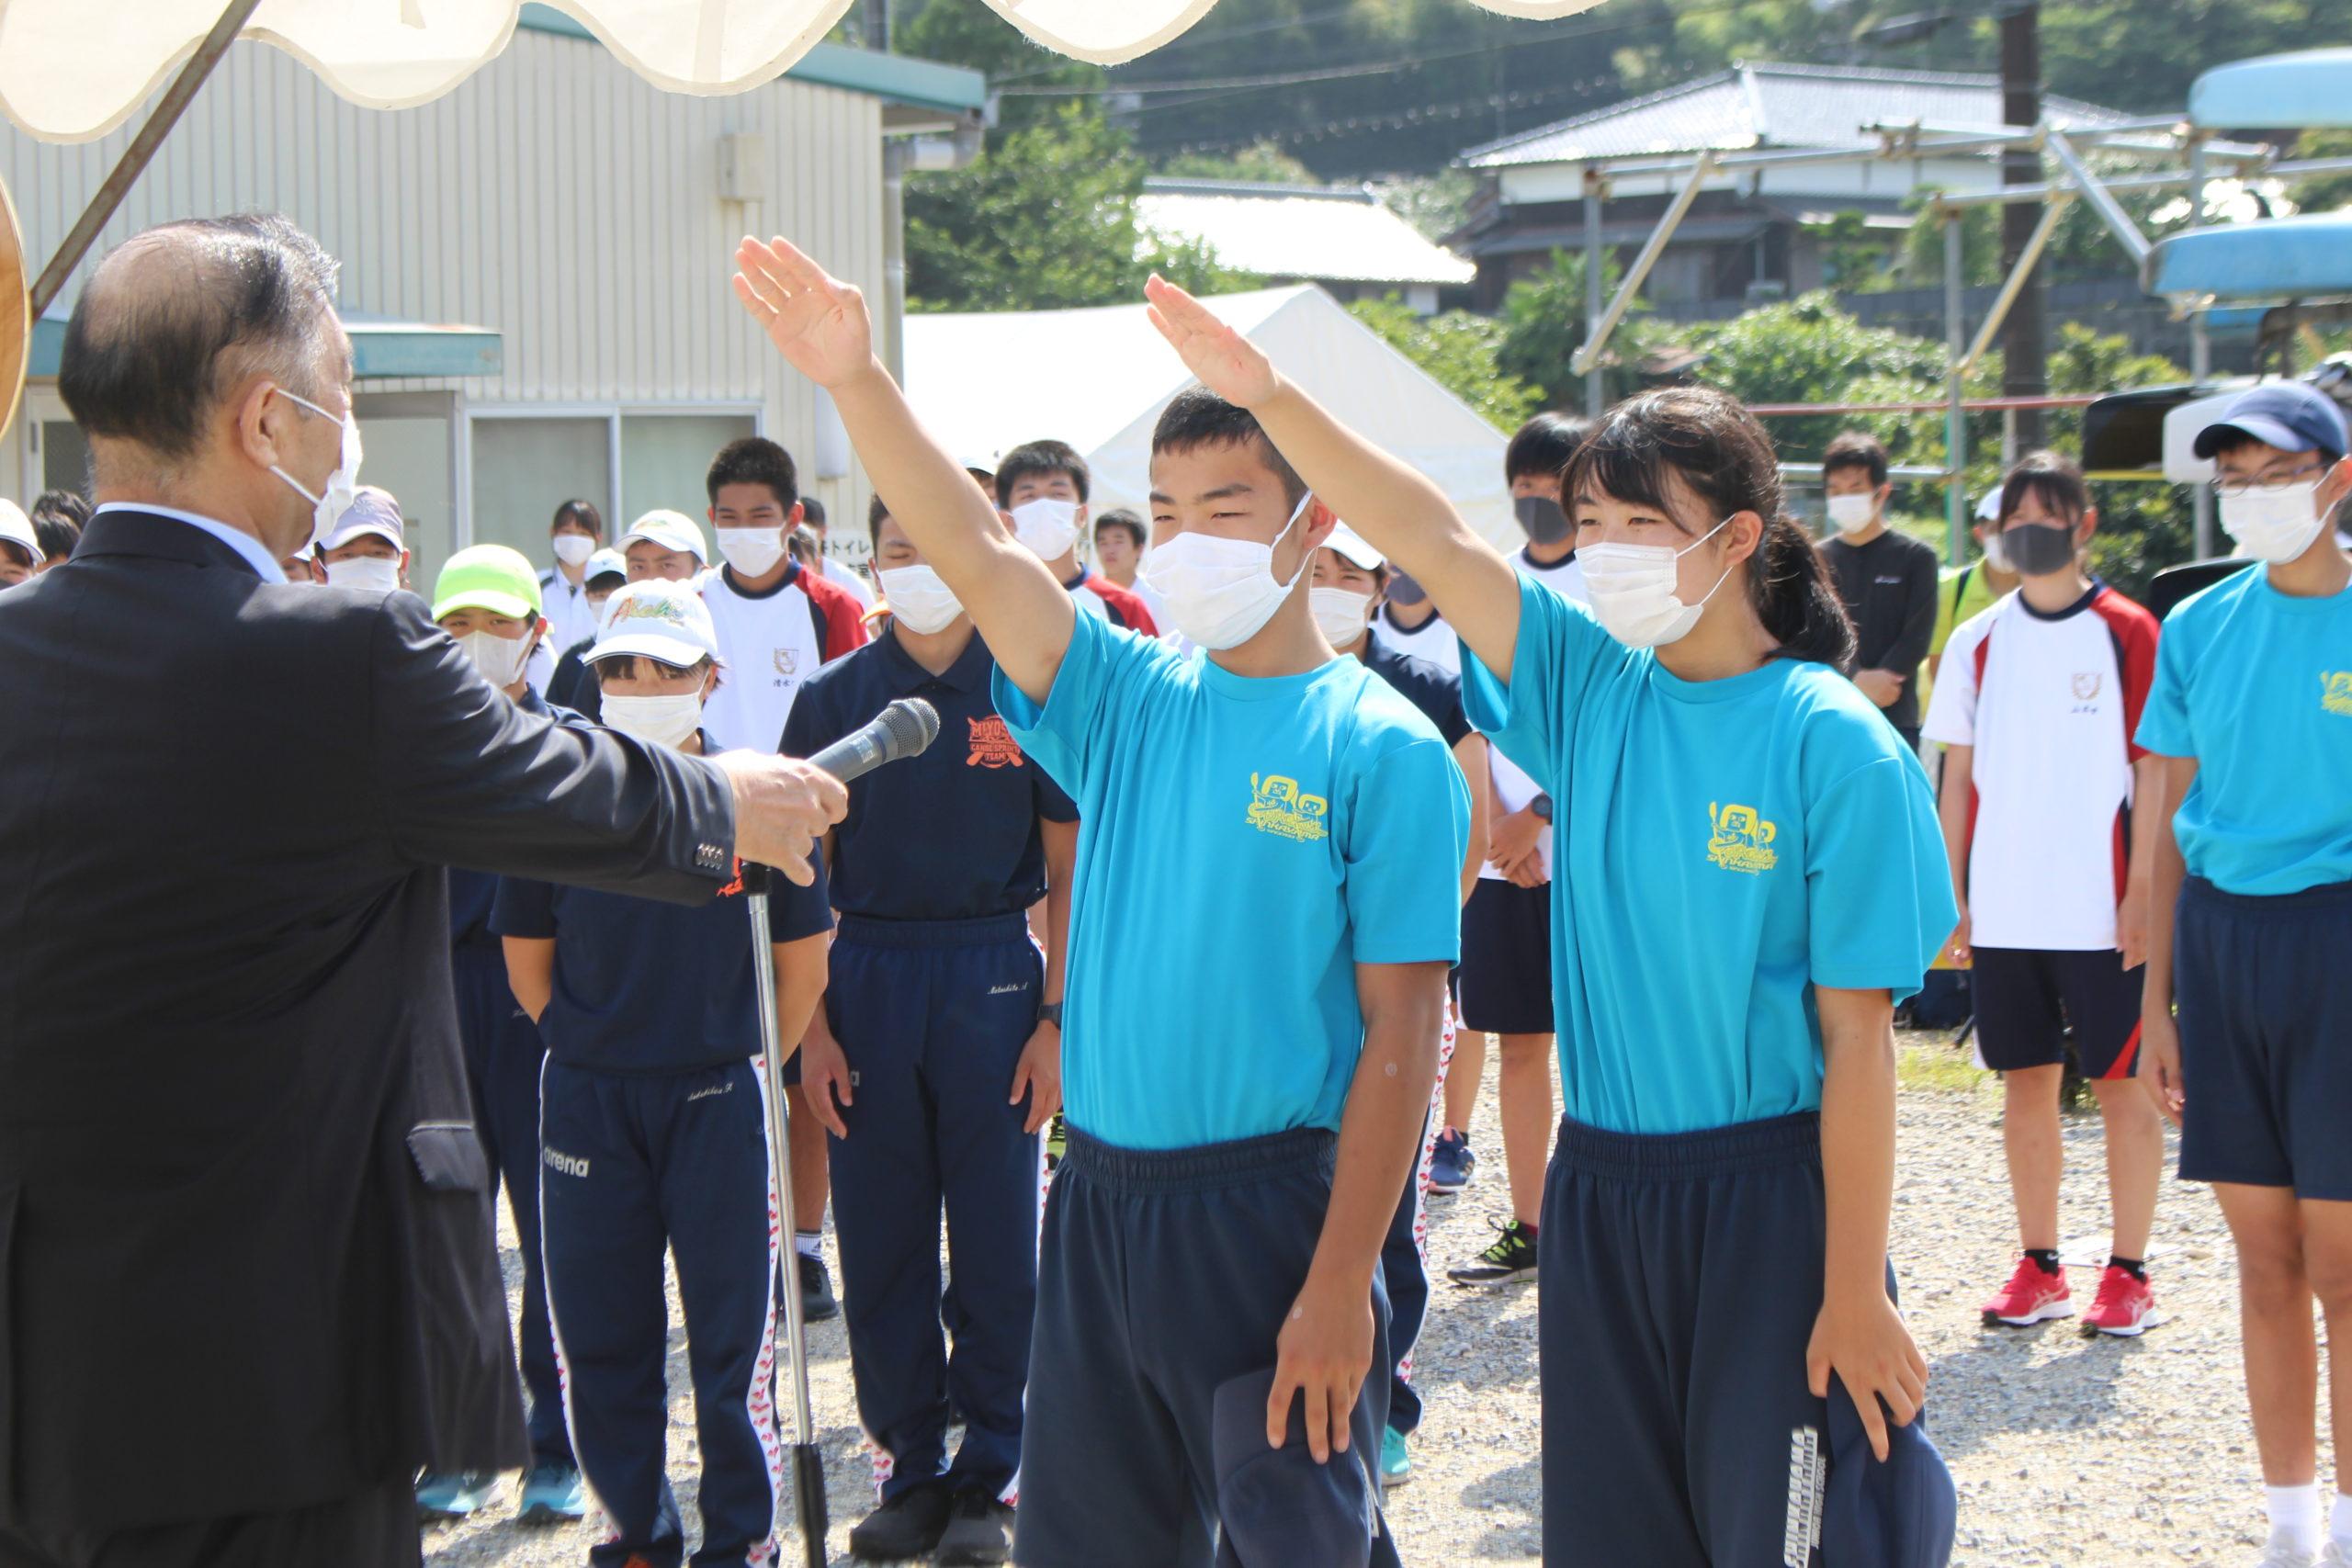 第27回愛知県中学校カヌー大会 – 愛知県カヌー協会